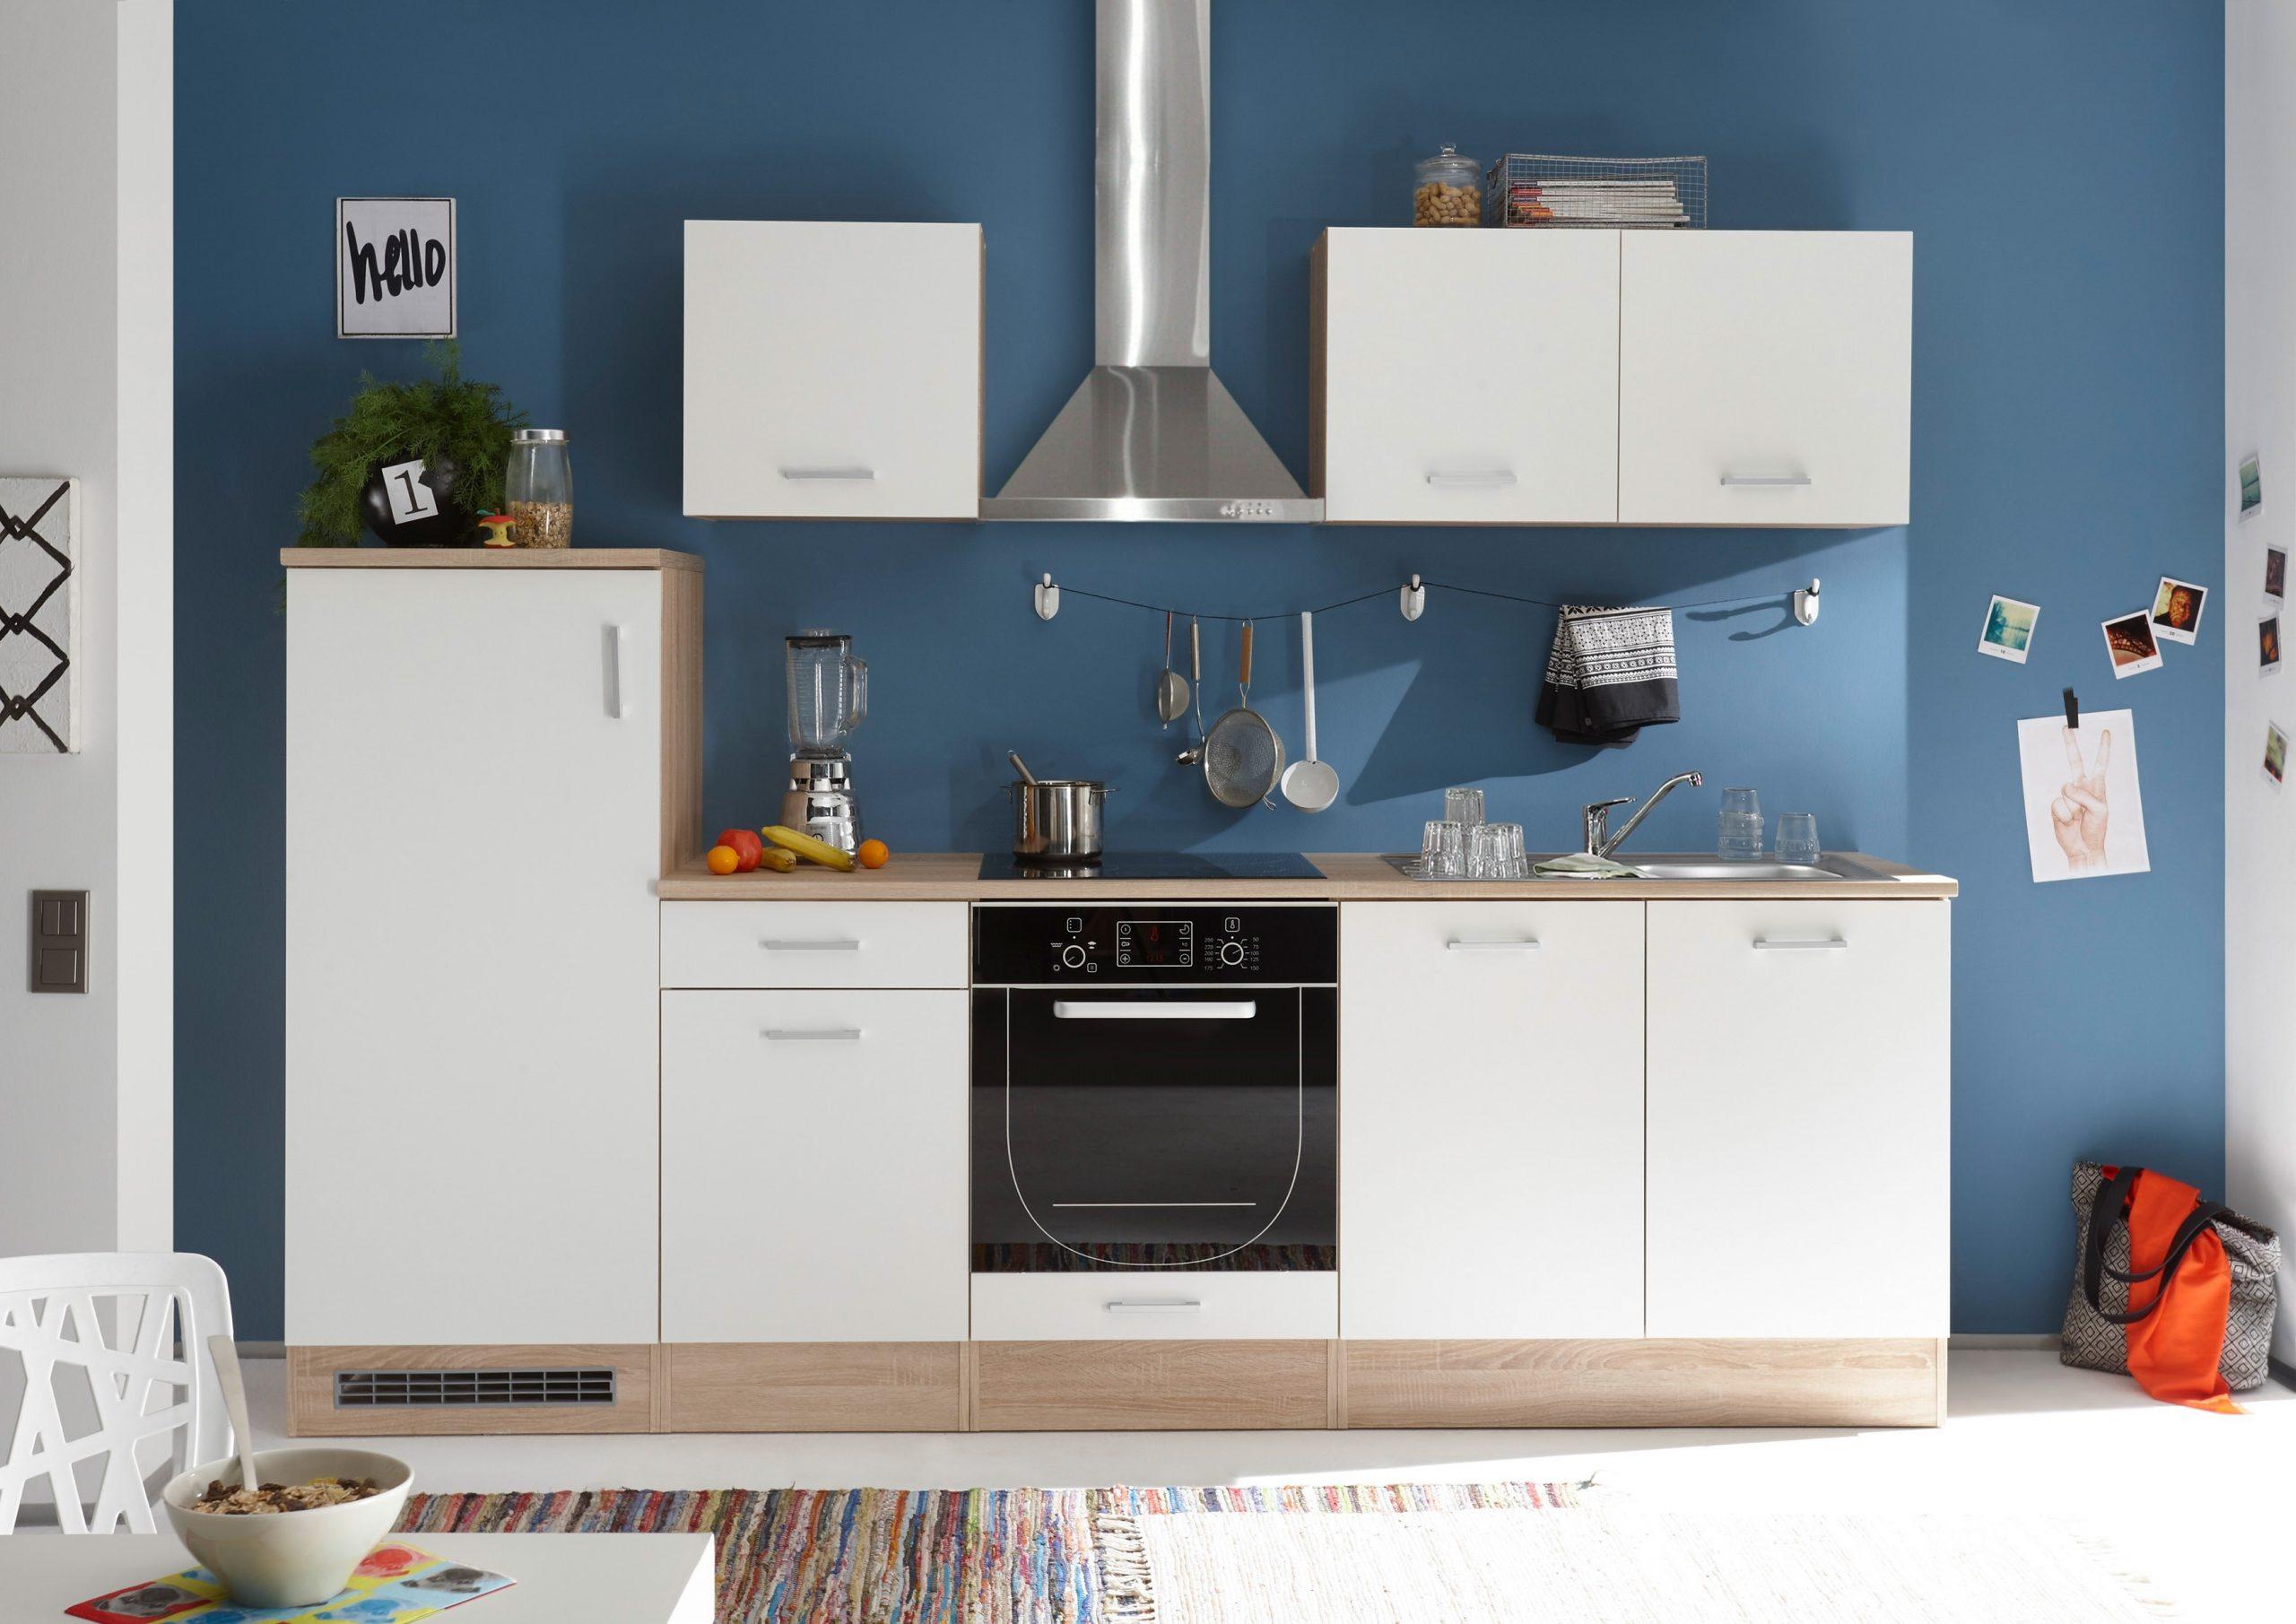 Full Size of Komplettküche Mit Geräten Komplettküche Angebot Komplettküche Kaufen Komplettküche Billig Küche Komplettküche